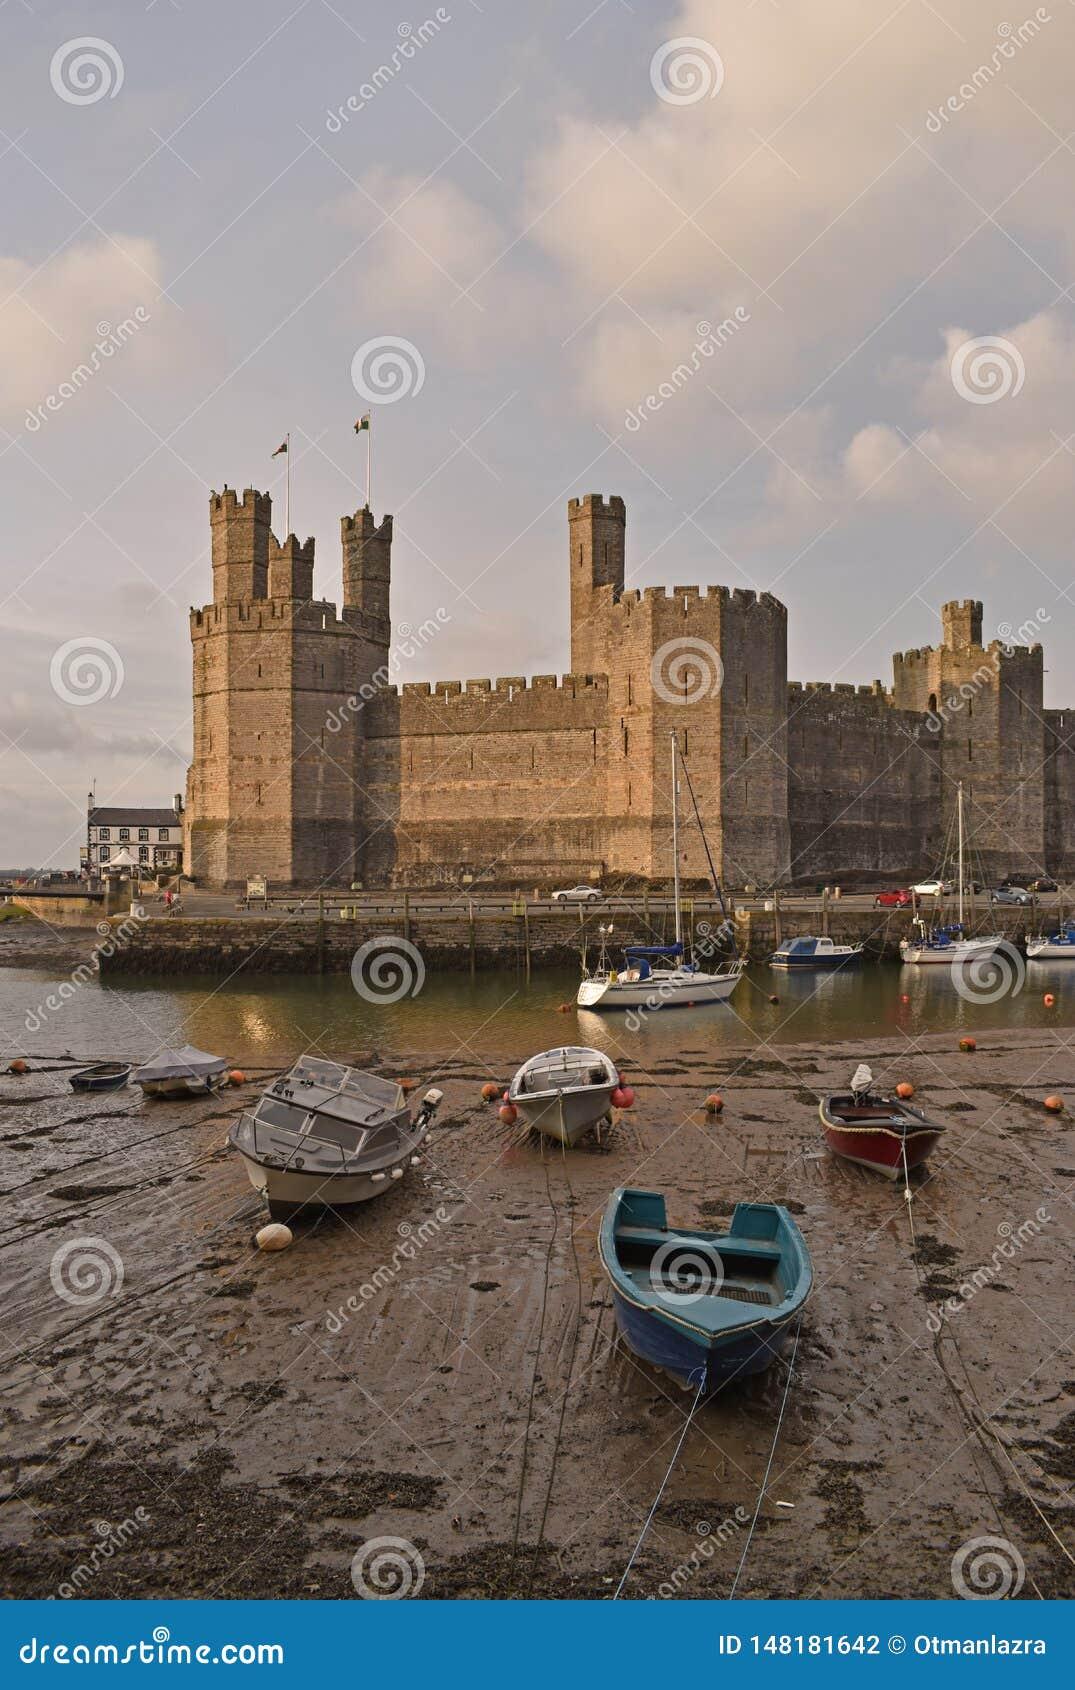 Château et bateaux amarrés au port de Caernarfon, Pays de Galles du nord